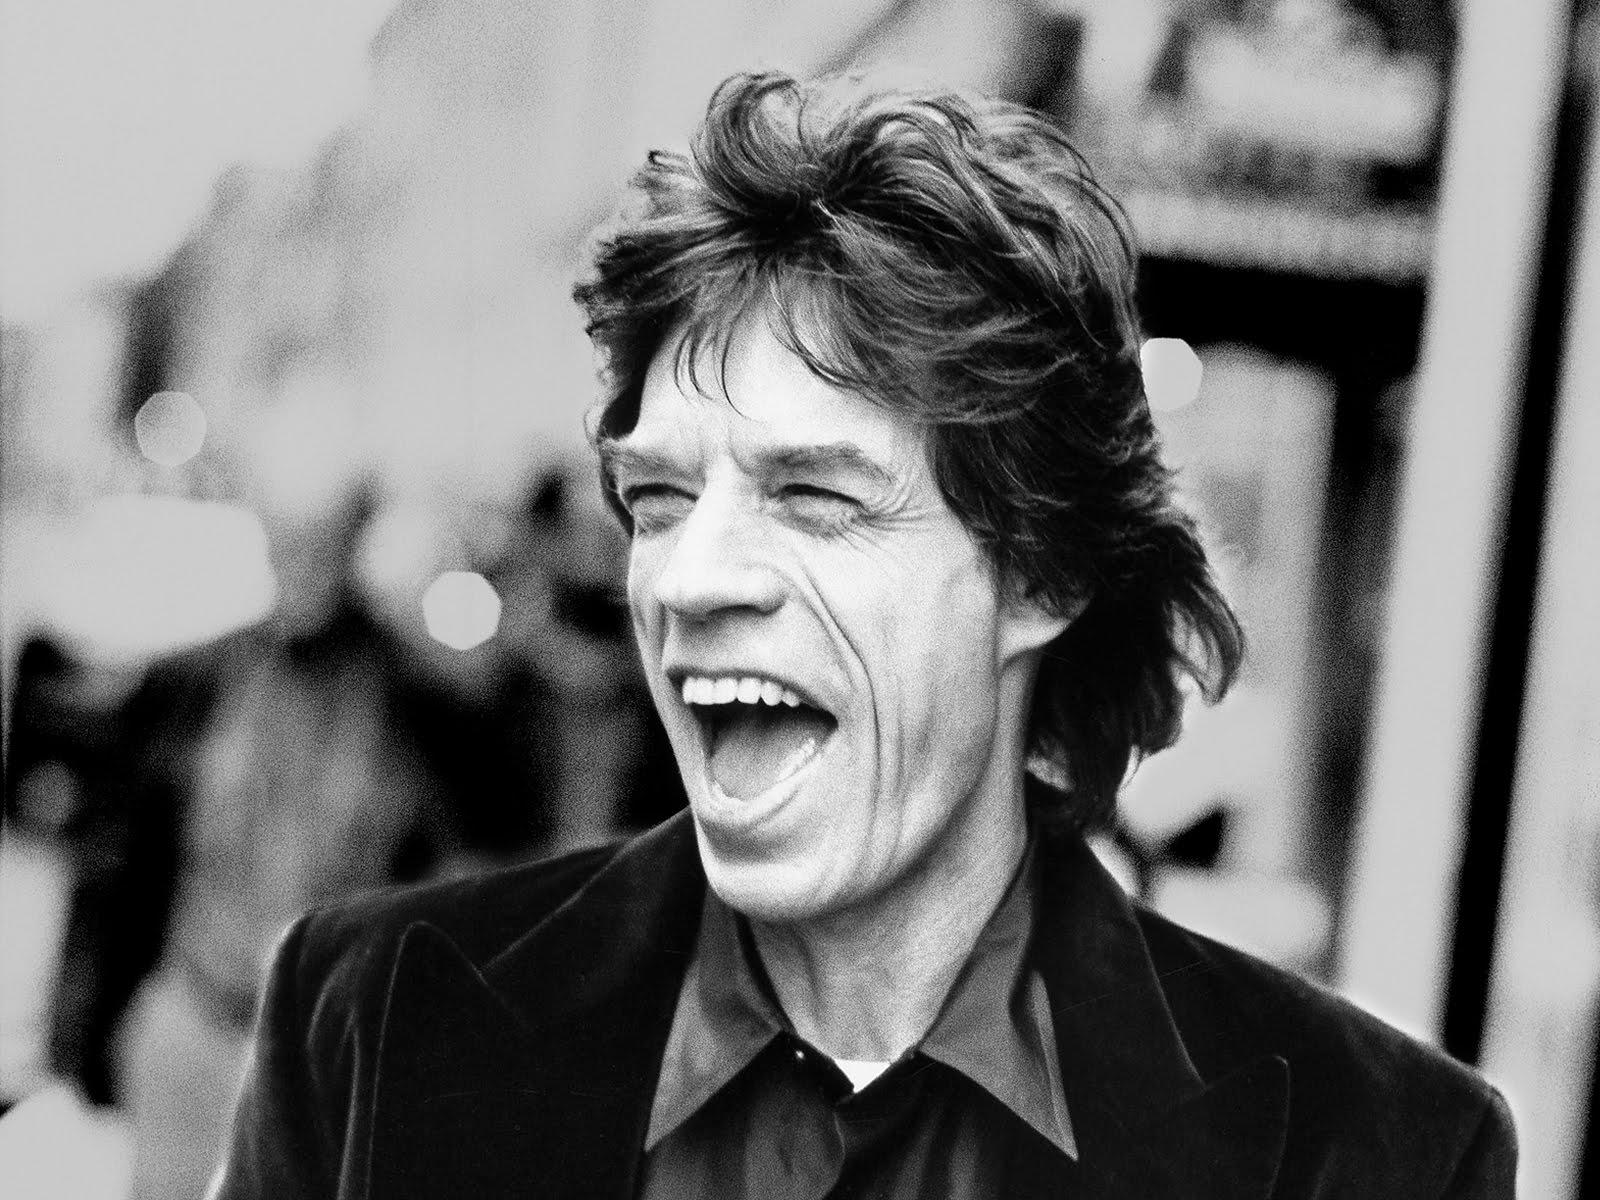 Mick Jagger torna solista con 2 singoli rock: canta la Brexit e l'Isis